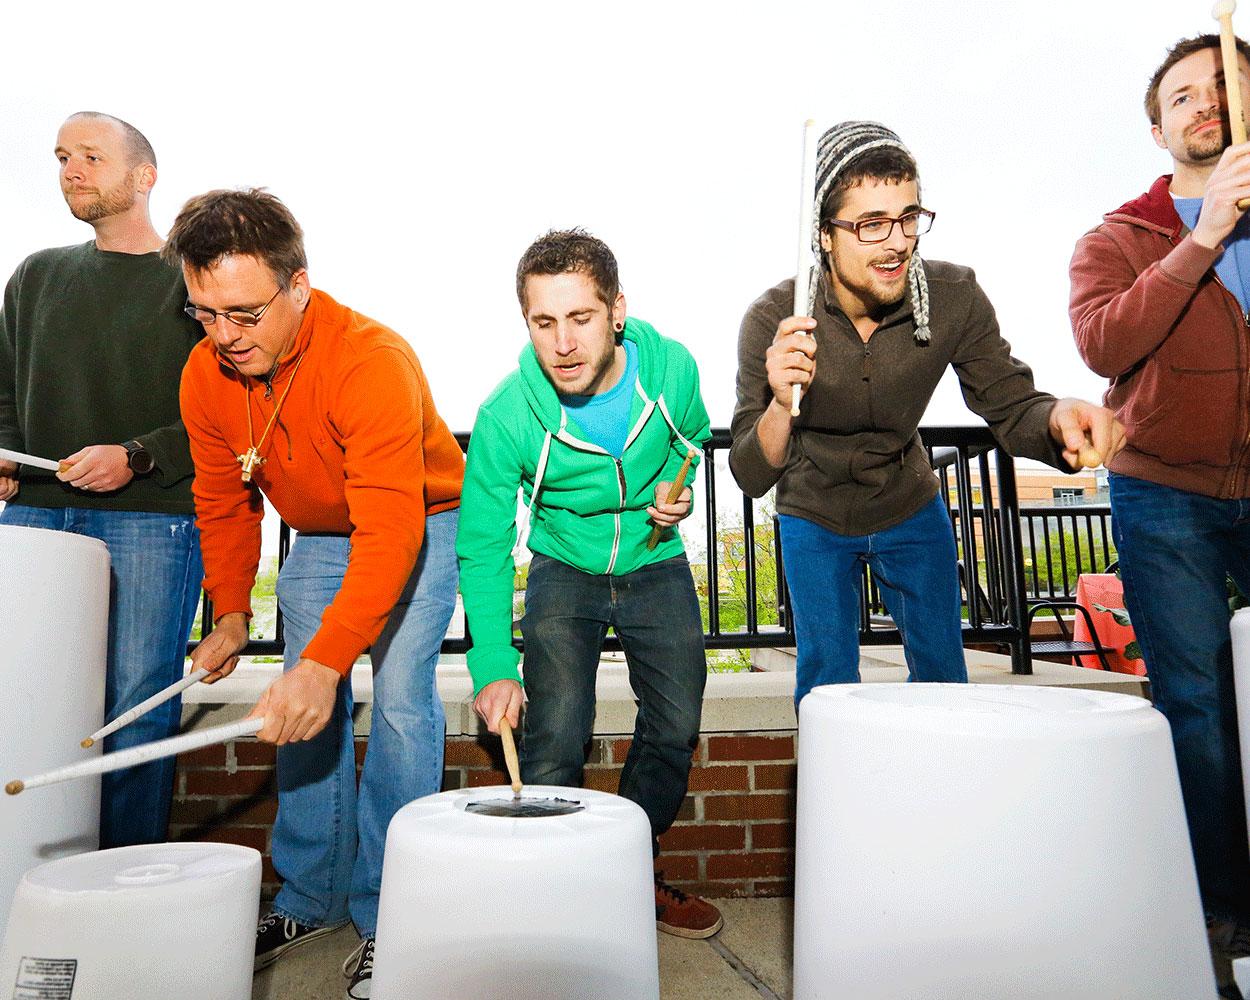 bucket drummers